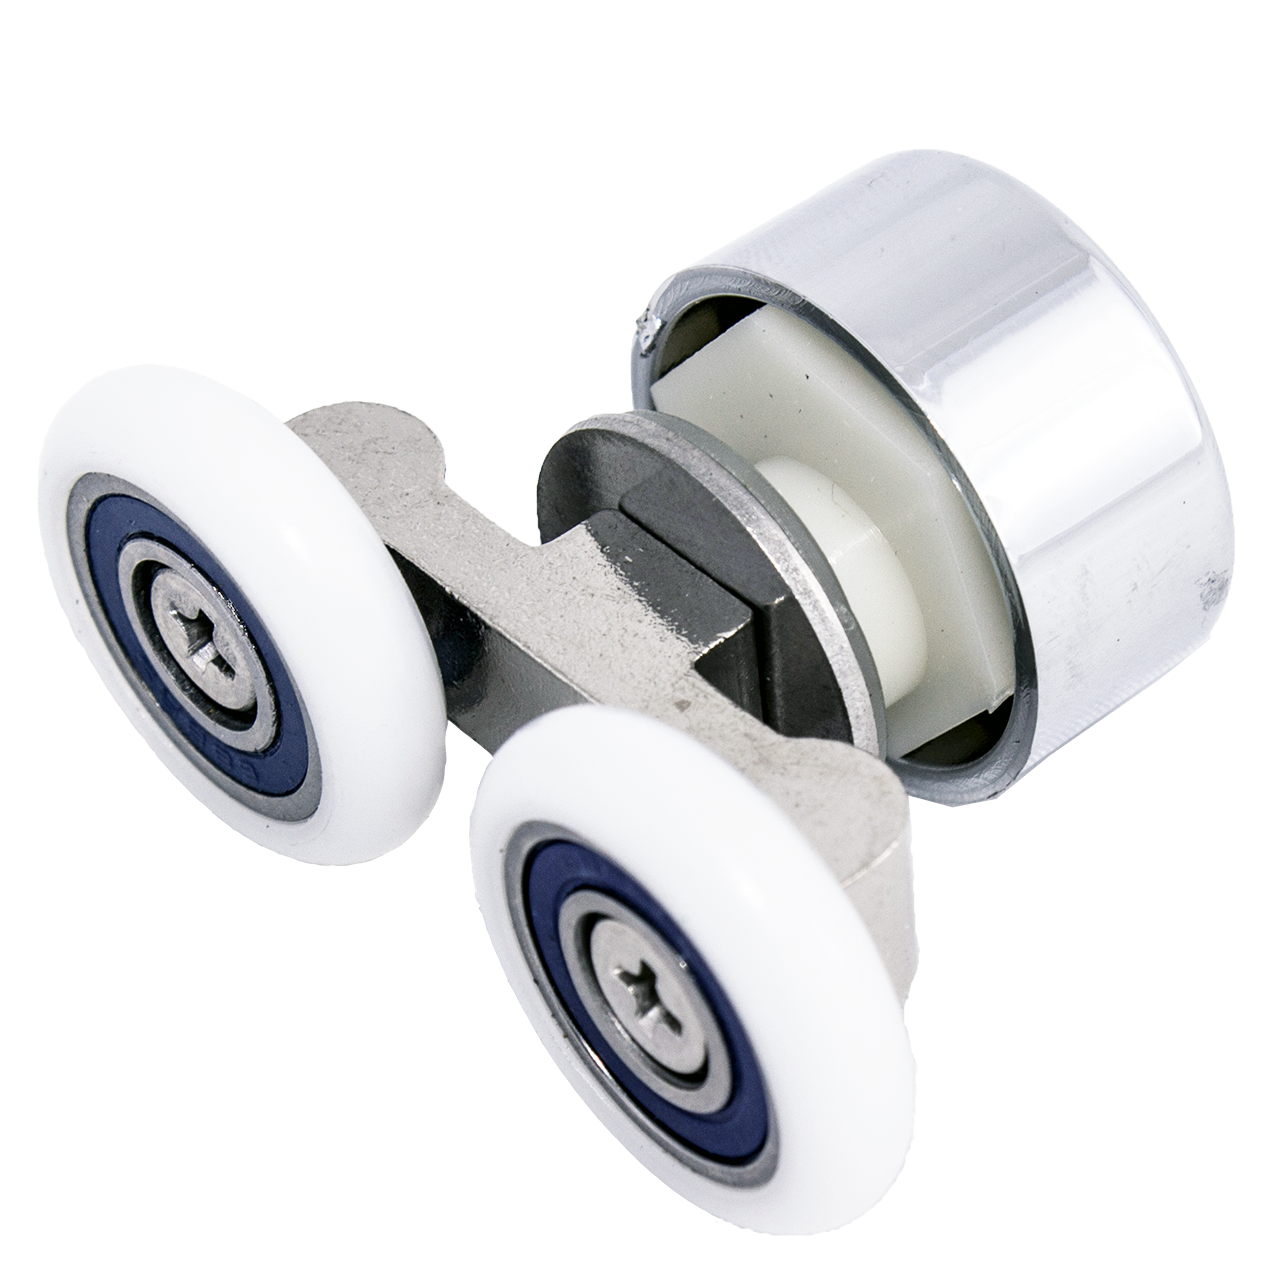 Ролик душової кабіни подвійний, не поворотний ( До-67 ) 19 мм